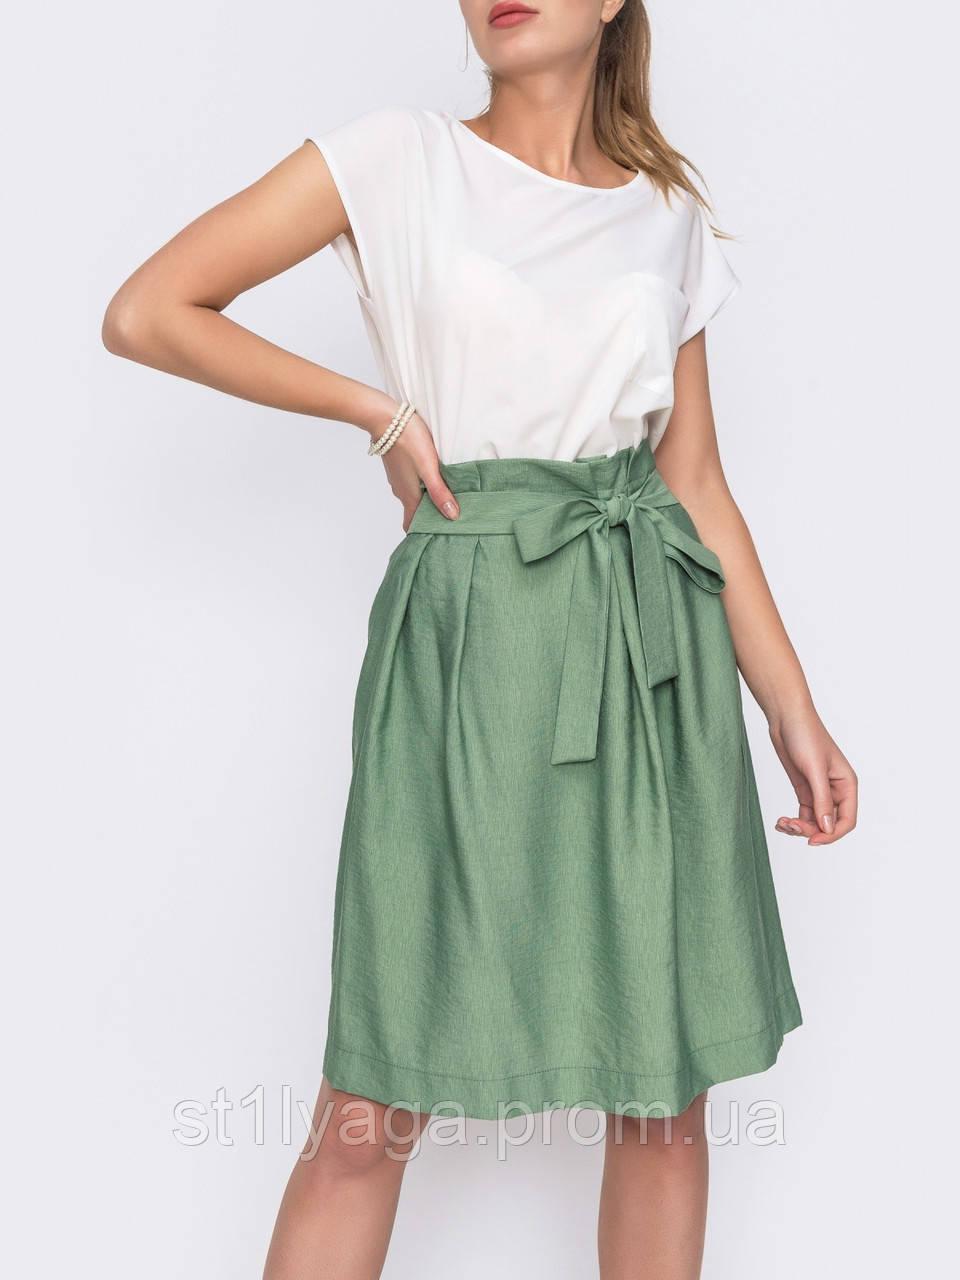 Летняя юбка из льна с вшитым поясом